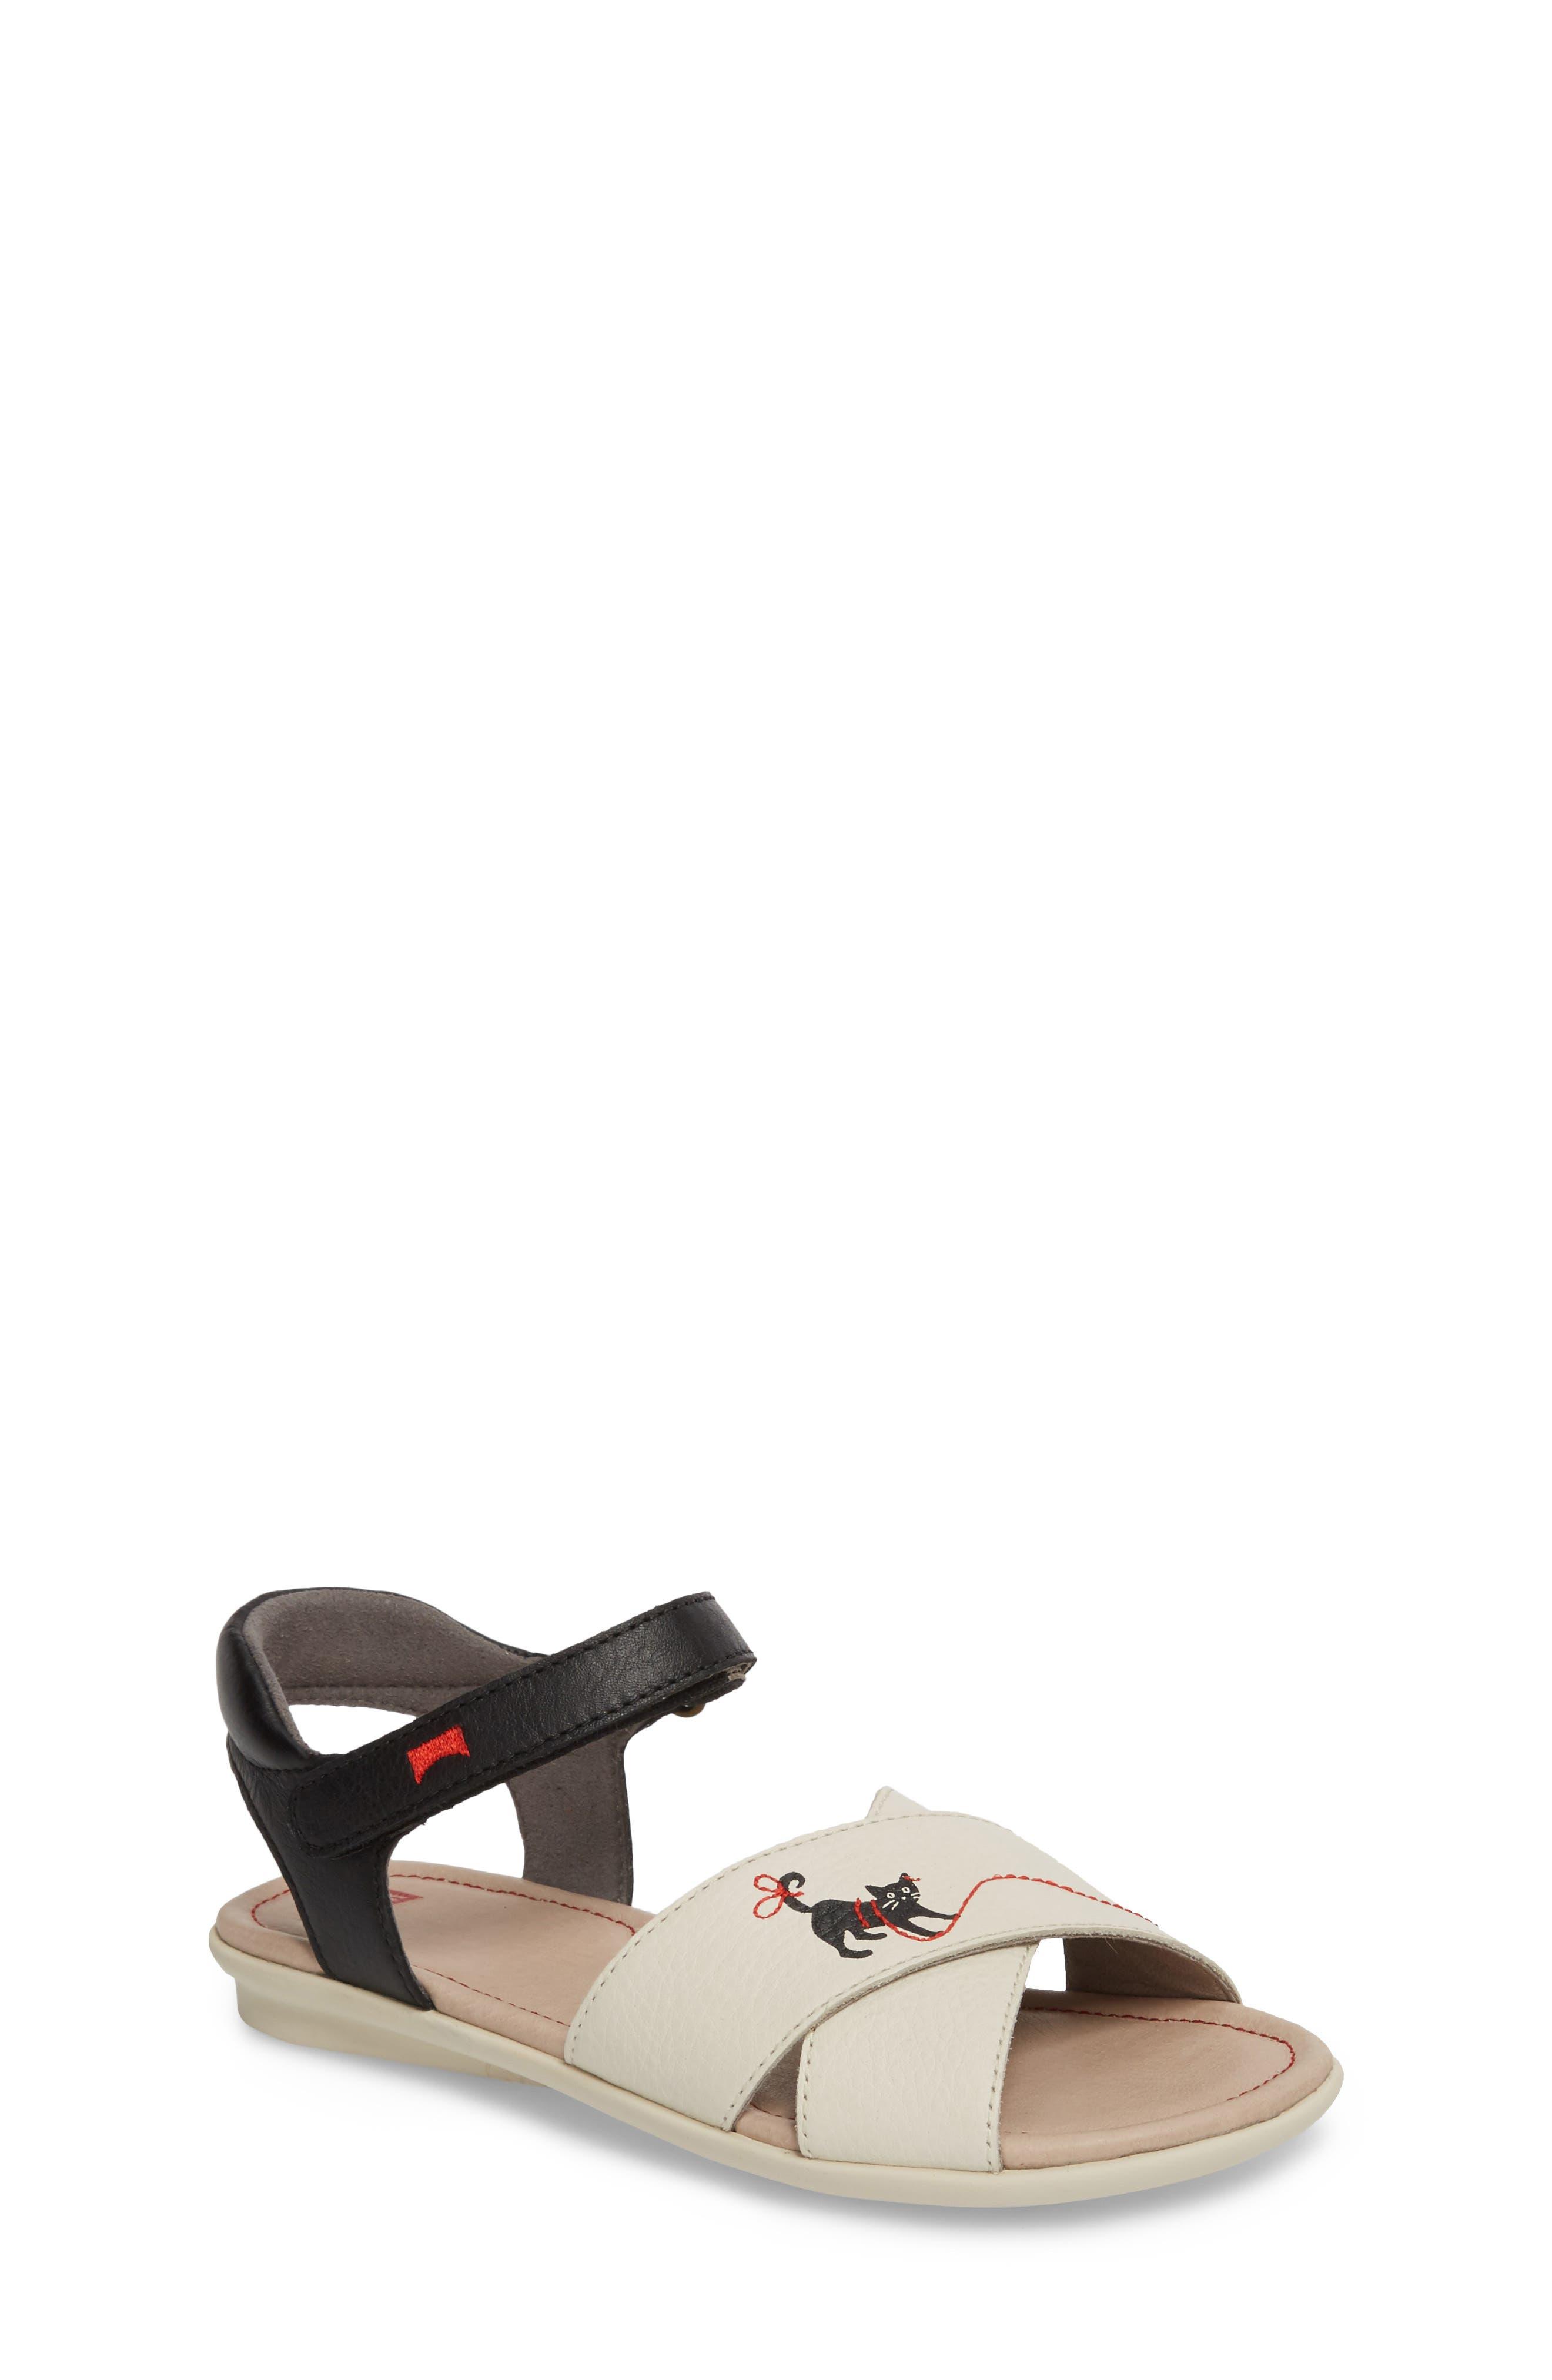 Twins Sandal,                         Main,                         color, 100